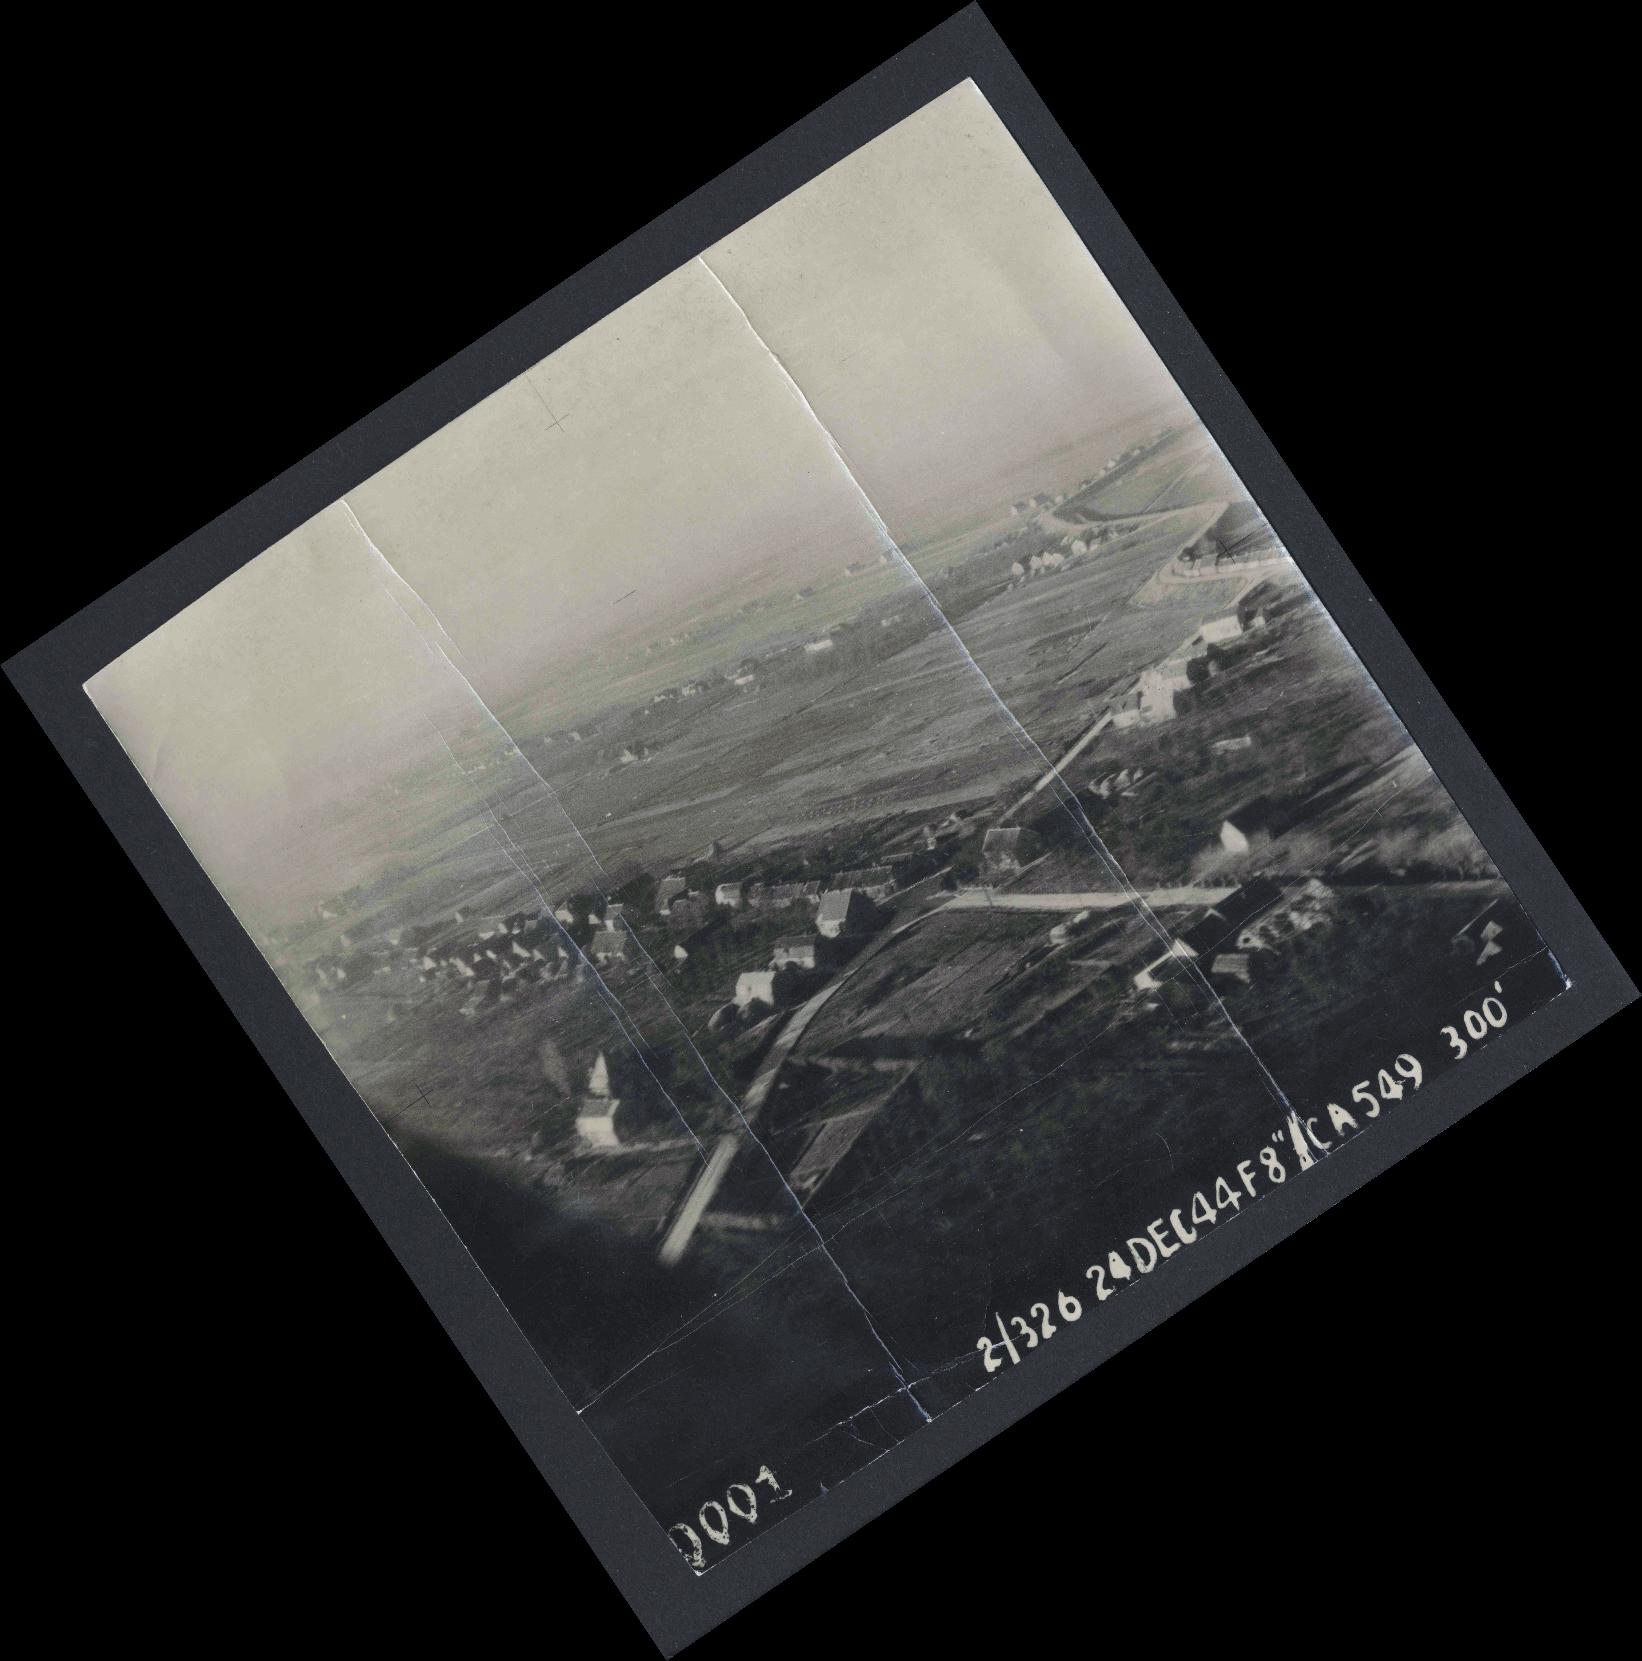 Collection RAF aerial photos 1940-1945 - flight 522, run 01, photo 0001